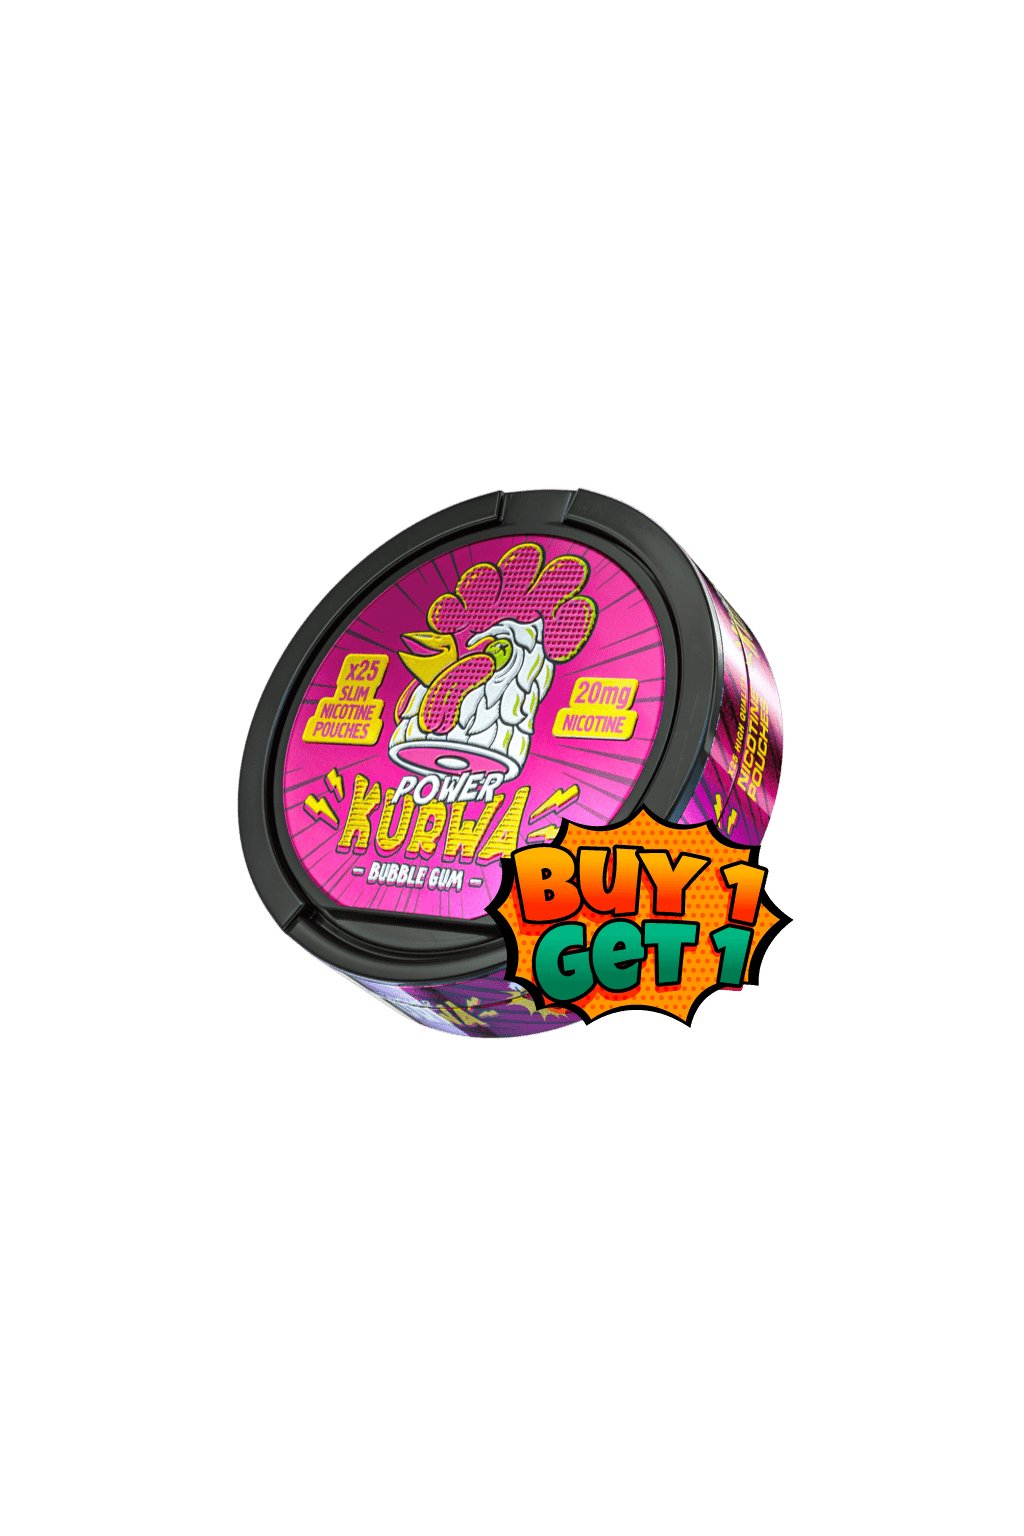 Kurwa bubblegum power nikotinove sacky 1+1